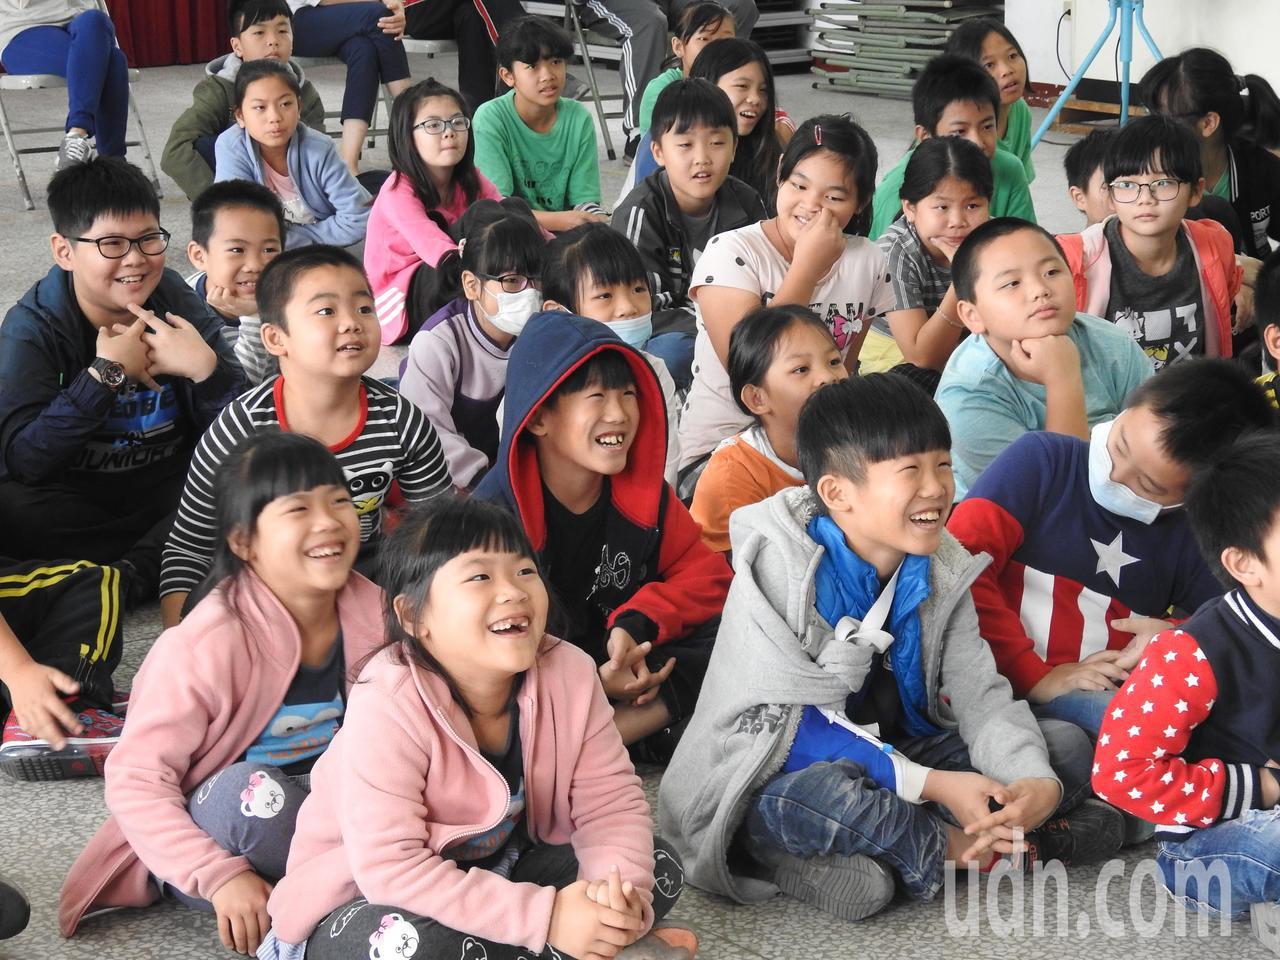 戲偶子劇團用貼近孩子的偶戲演出讓其學習客家文化和客語,果然成功吸引小朋友的目光。...